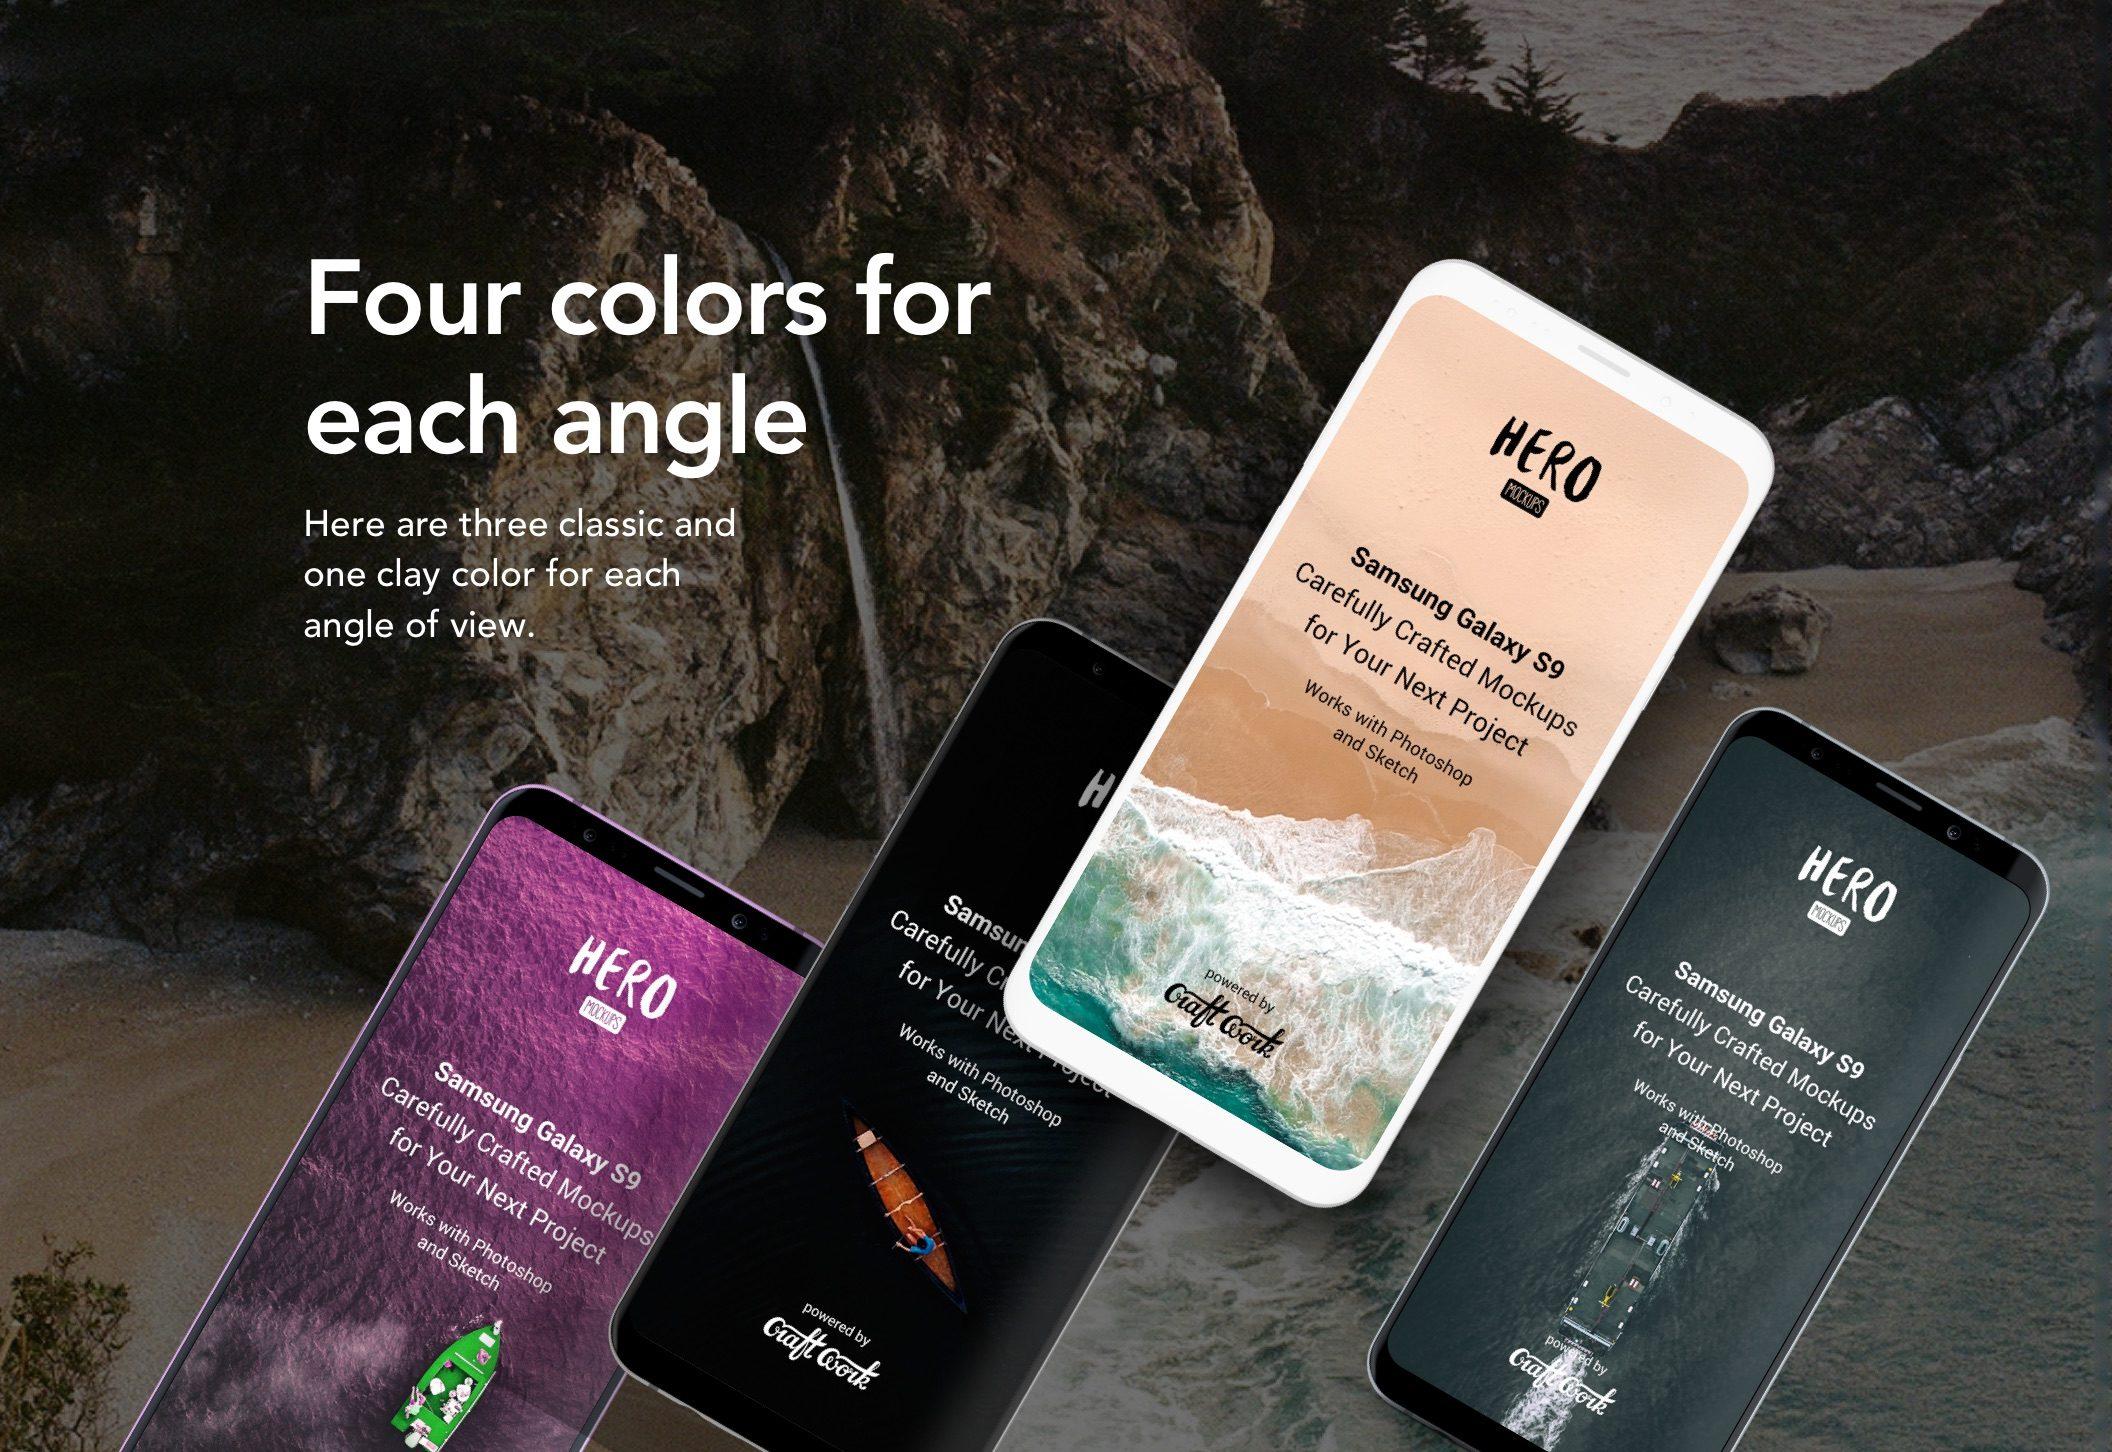 HERO Samsung Galaxy S9 Mockups - Designmodo Market